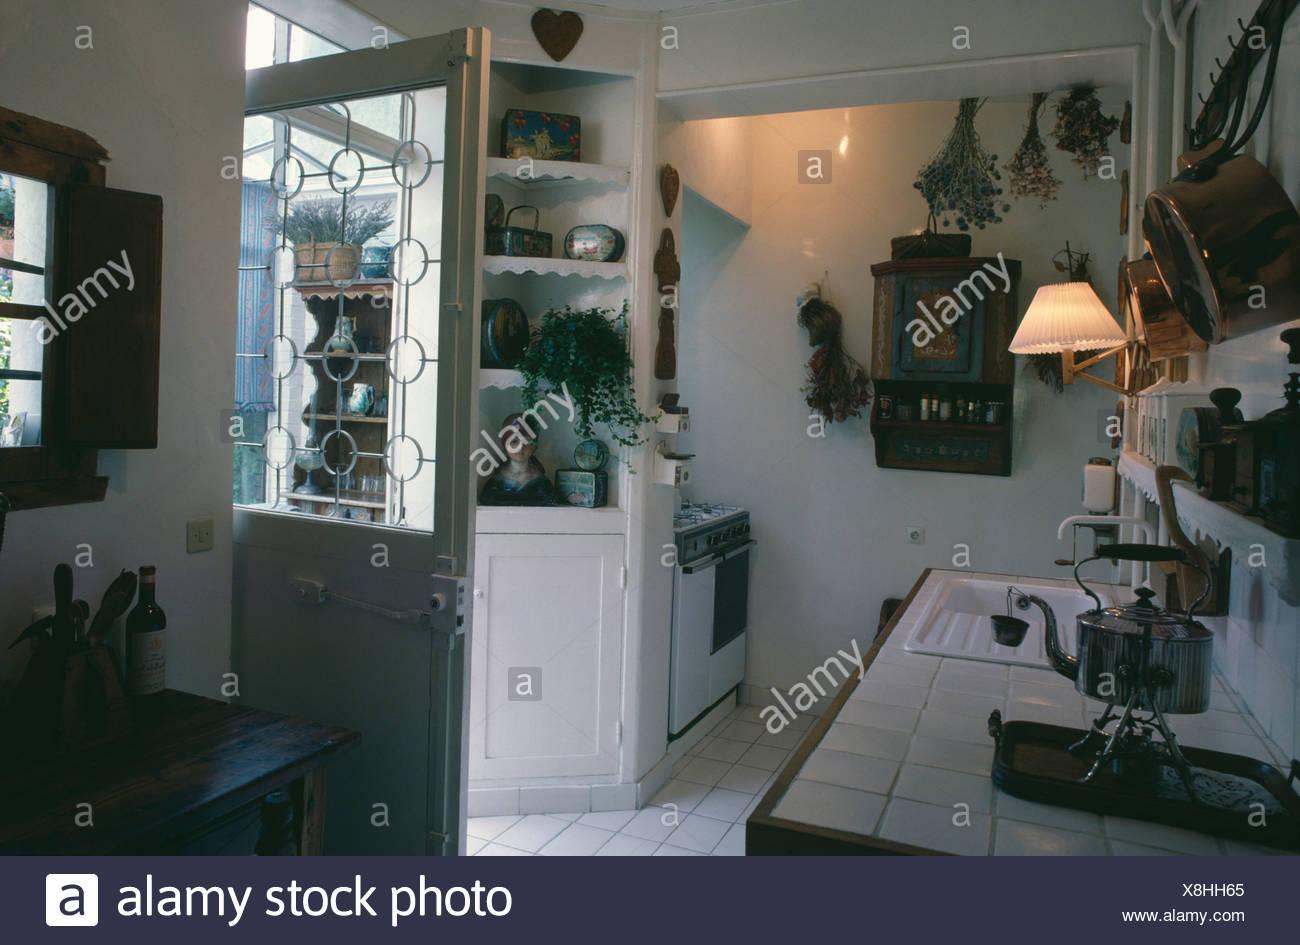 Cucina bianca con parete di luce in piastrelle al di sopra del